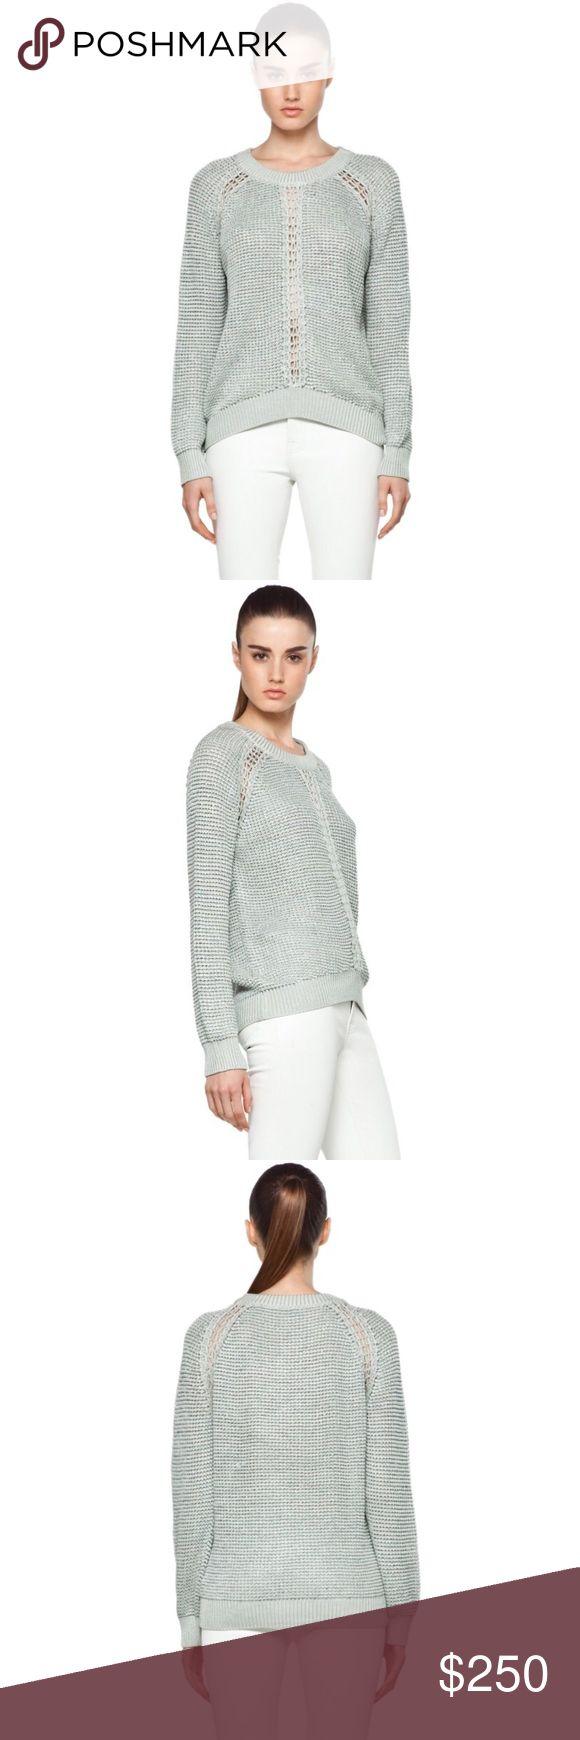 Theyskens' Theory Yigly Kyrt Sweater NWOT